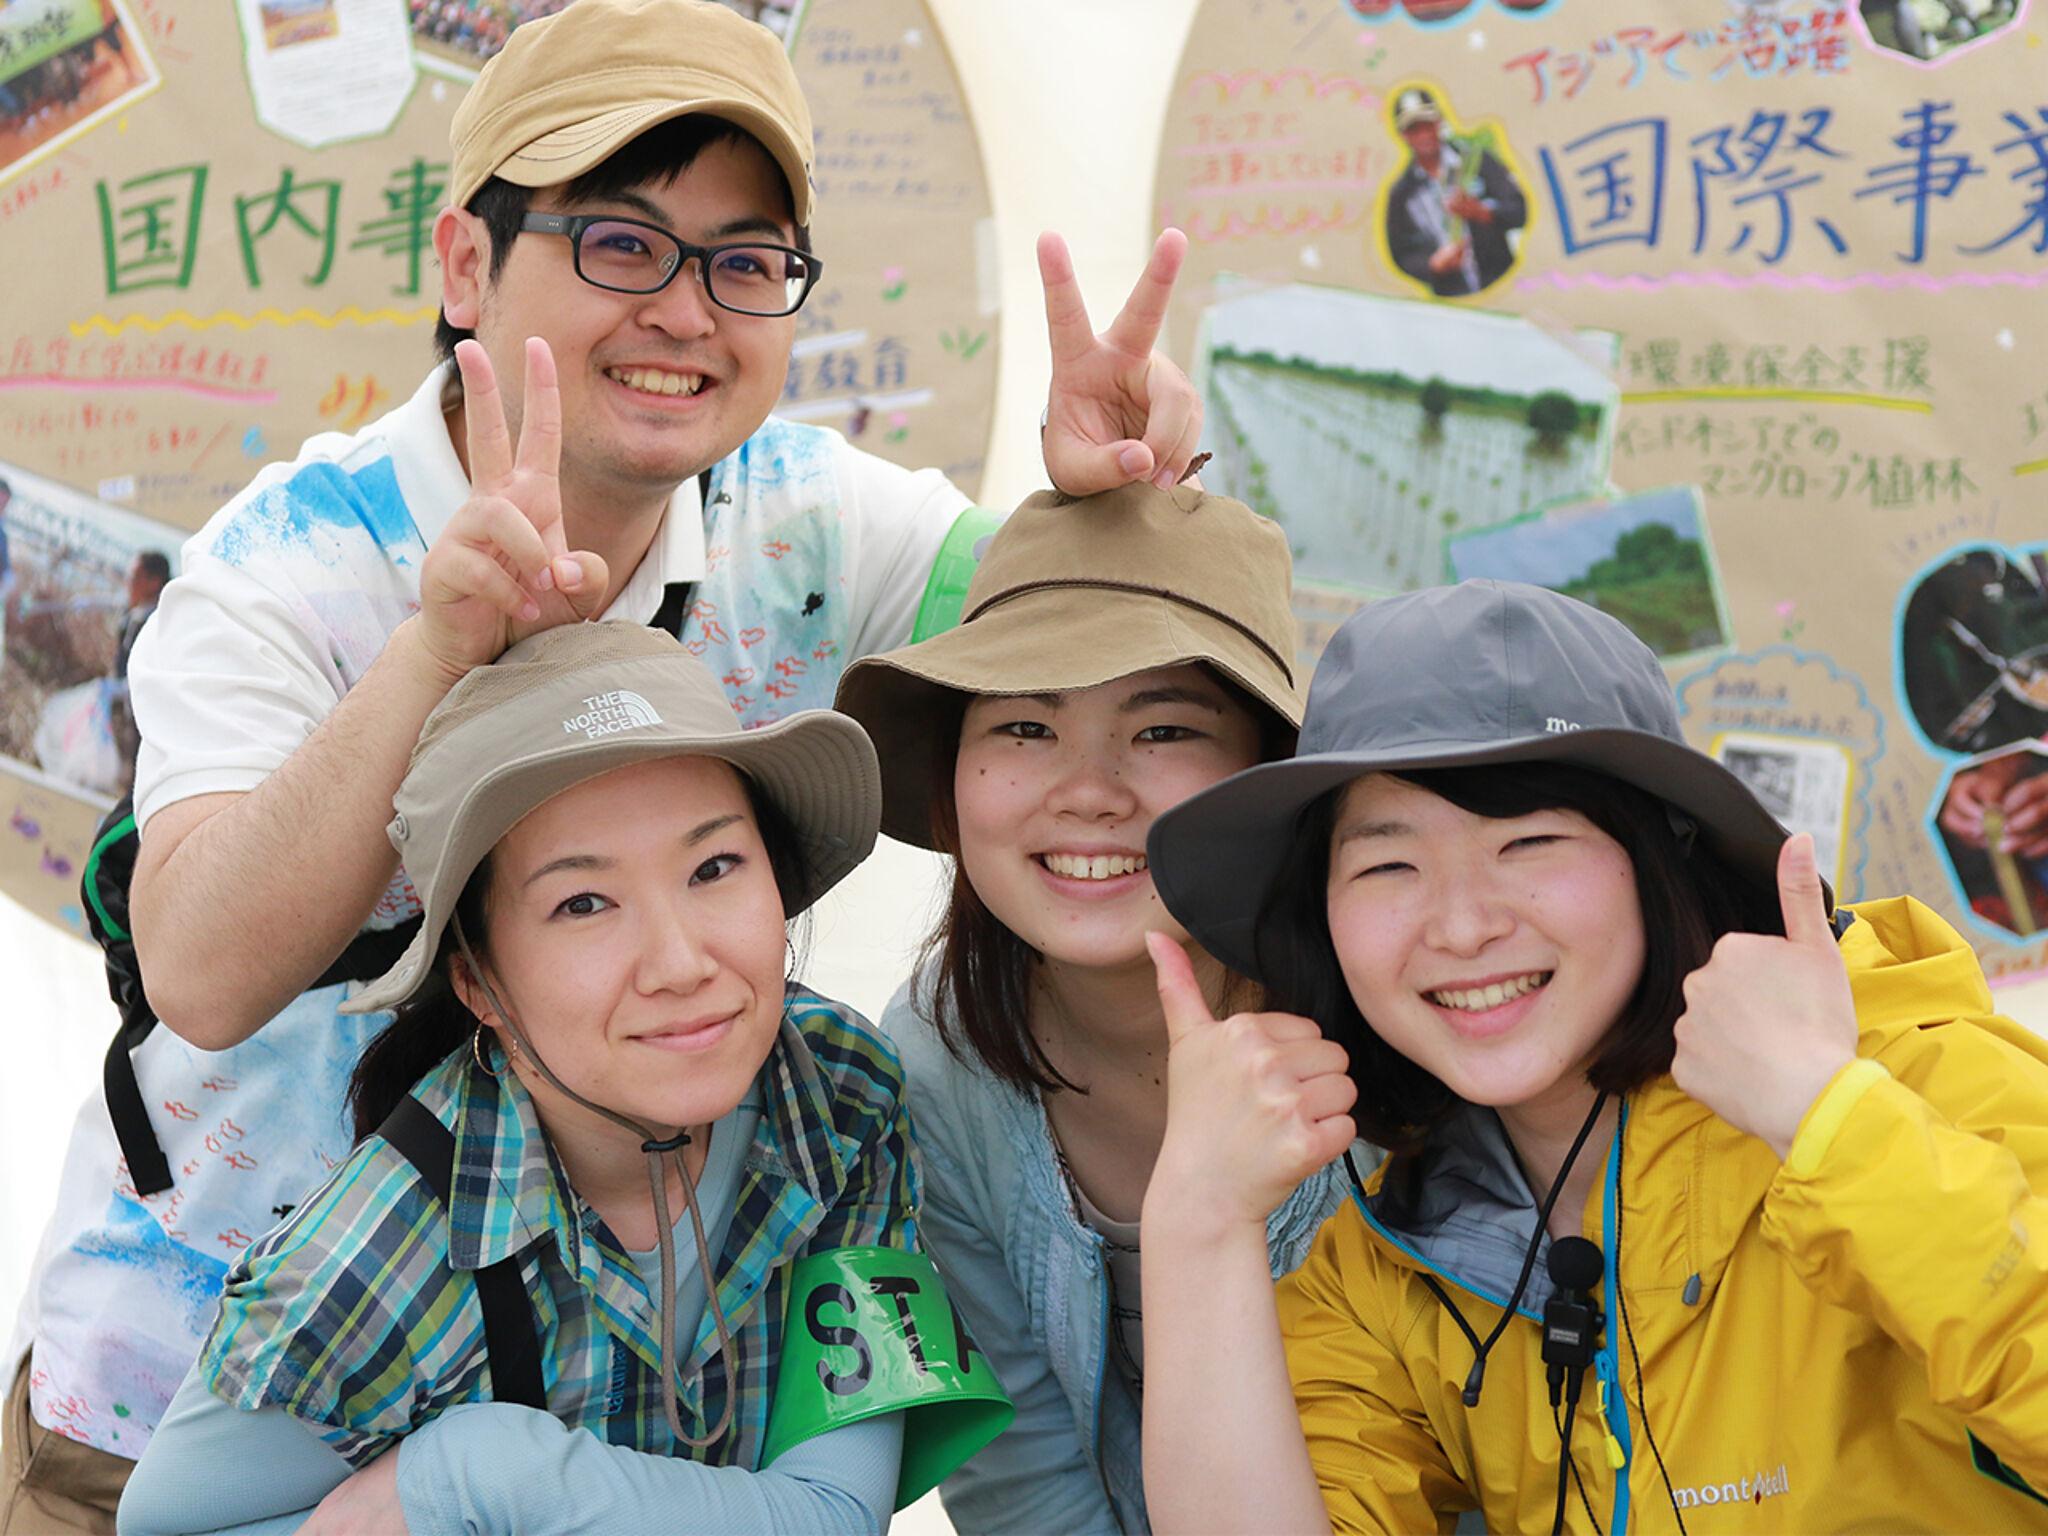 ボランティア活動の画像